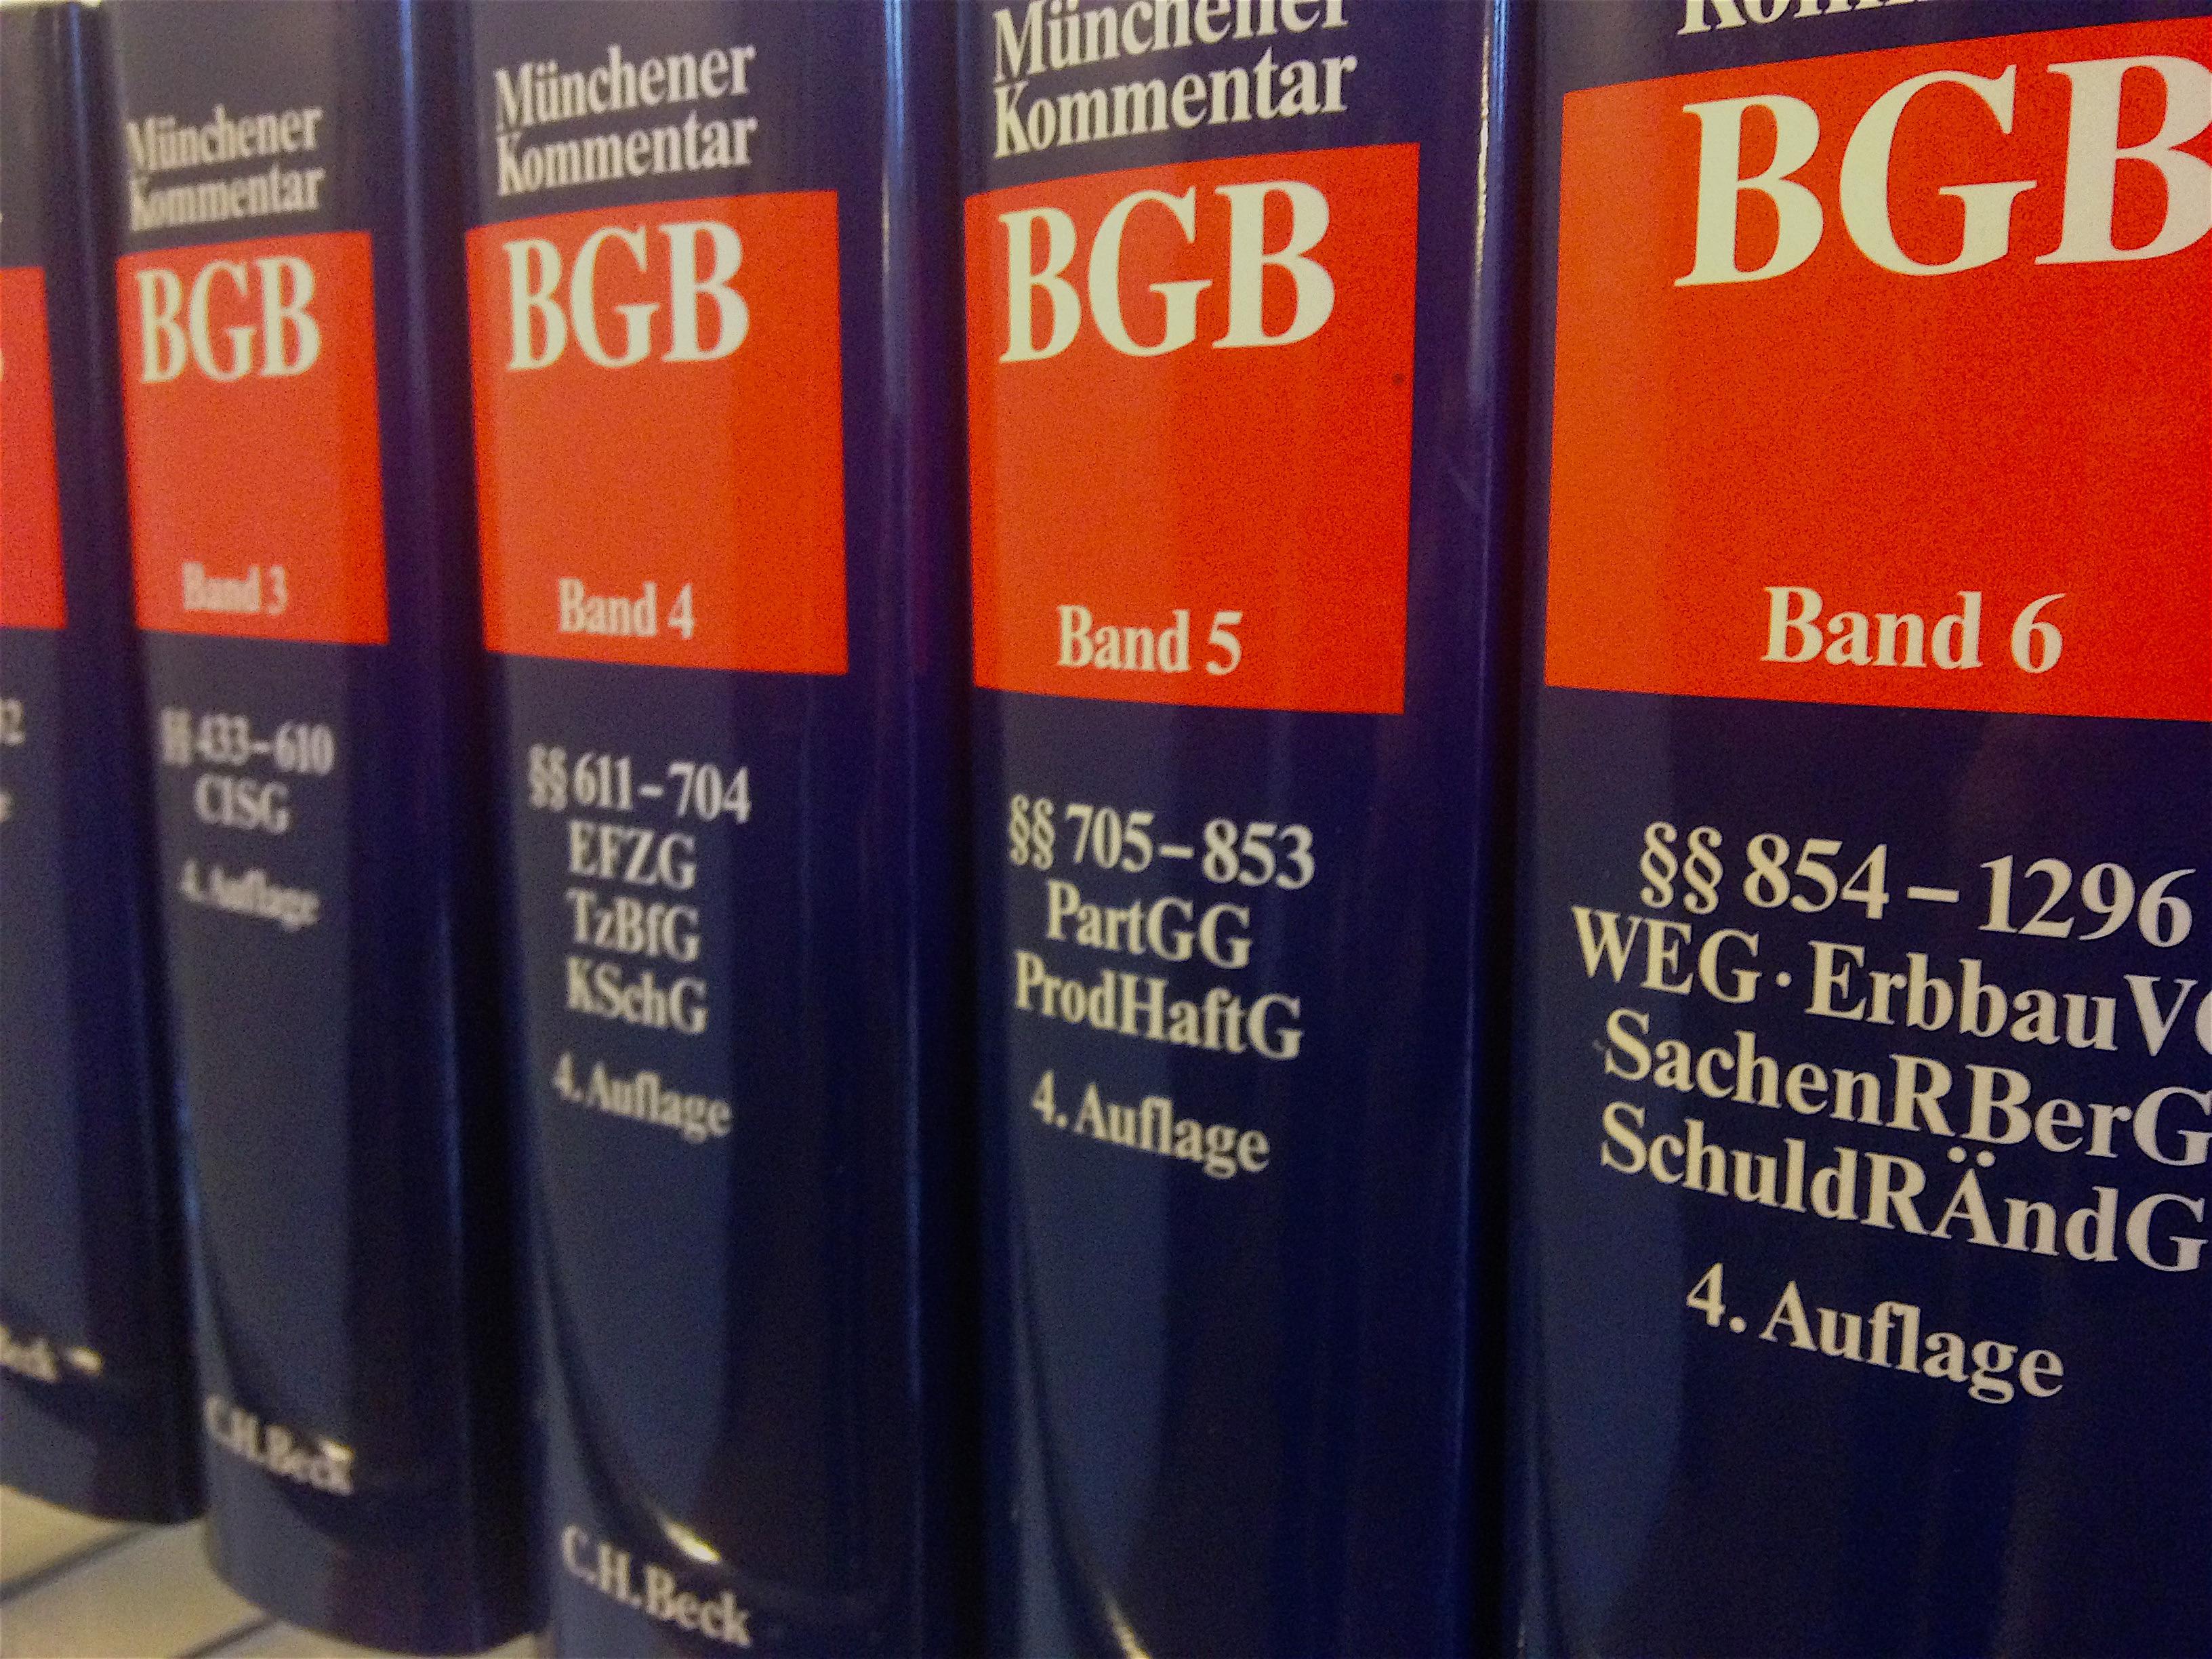 pflichtteil archive - erbrecht anwalt münchen